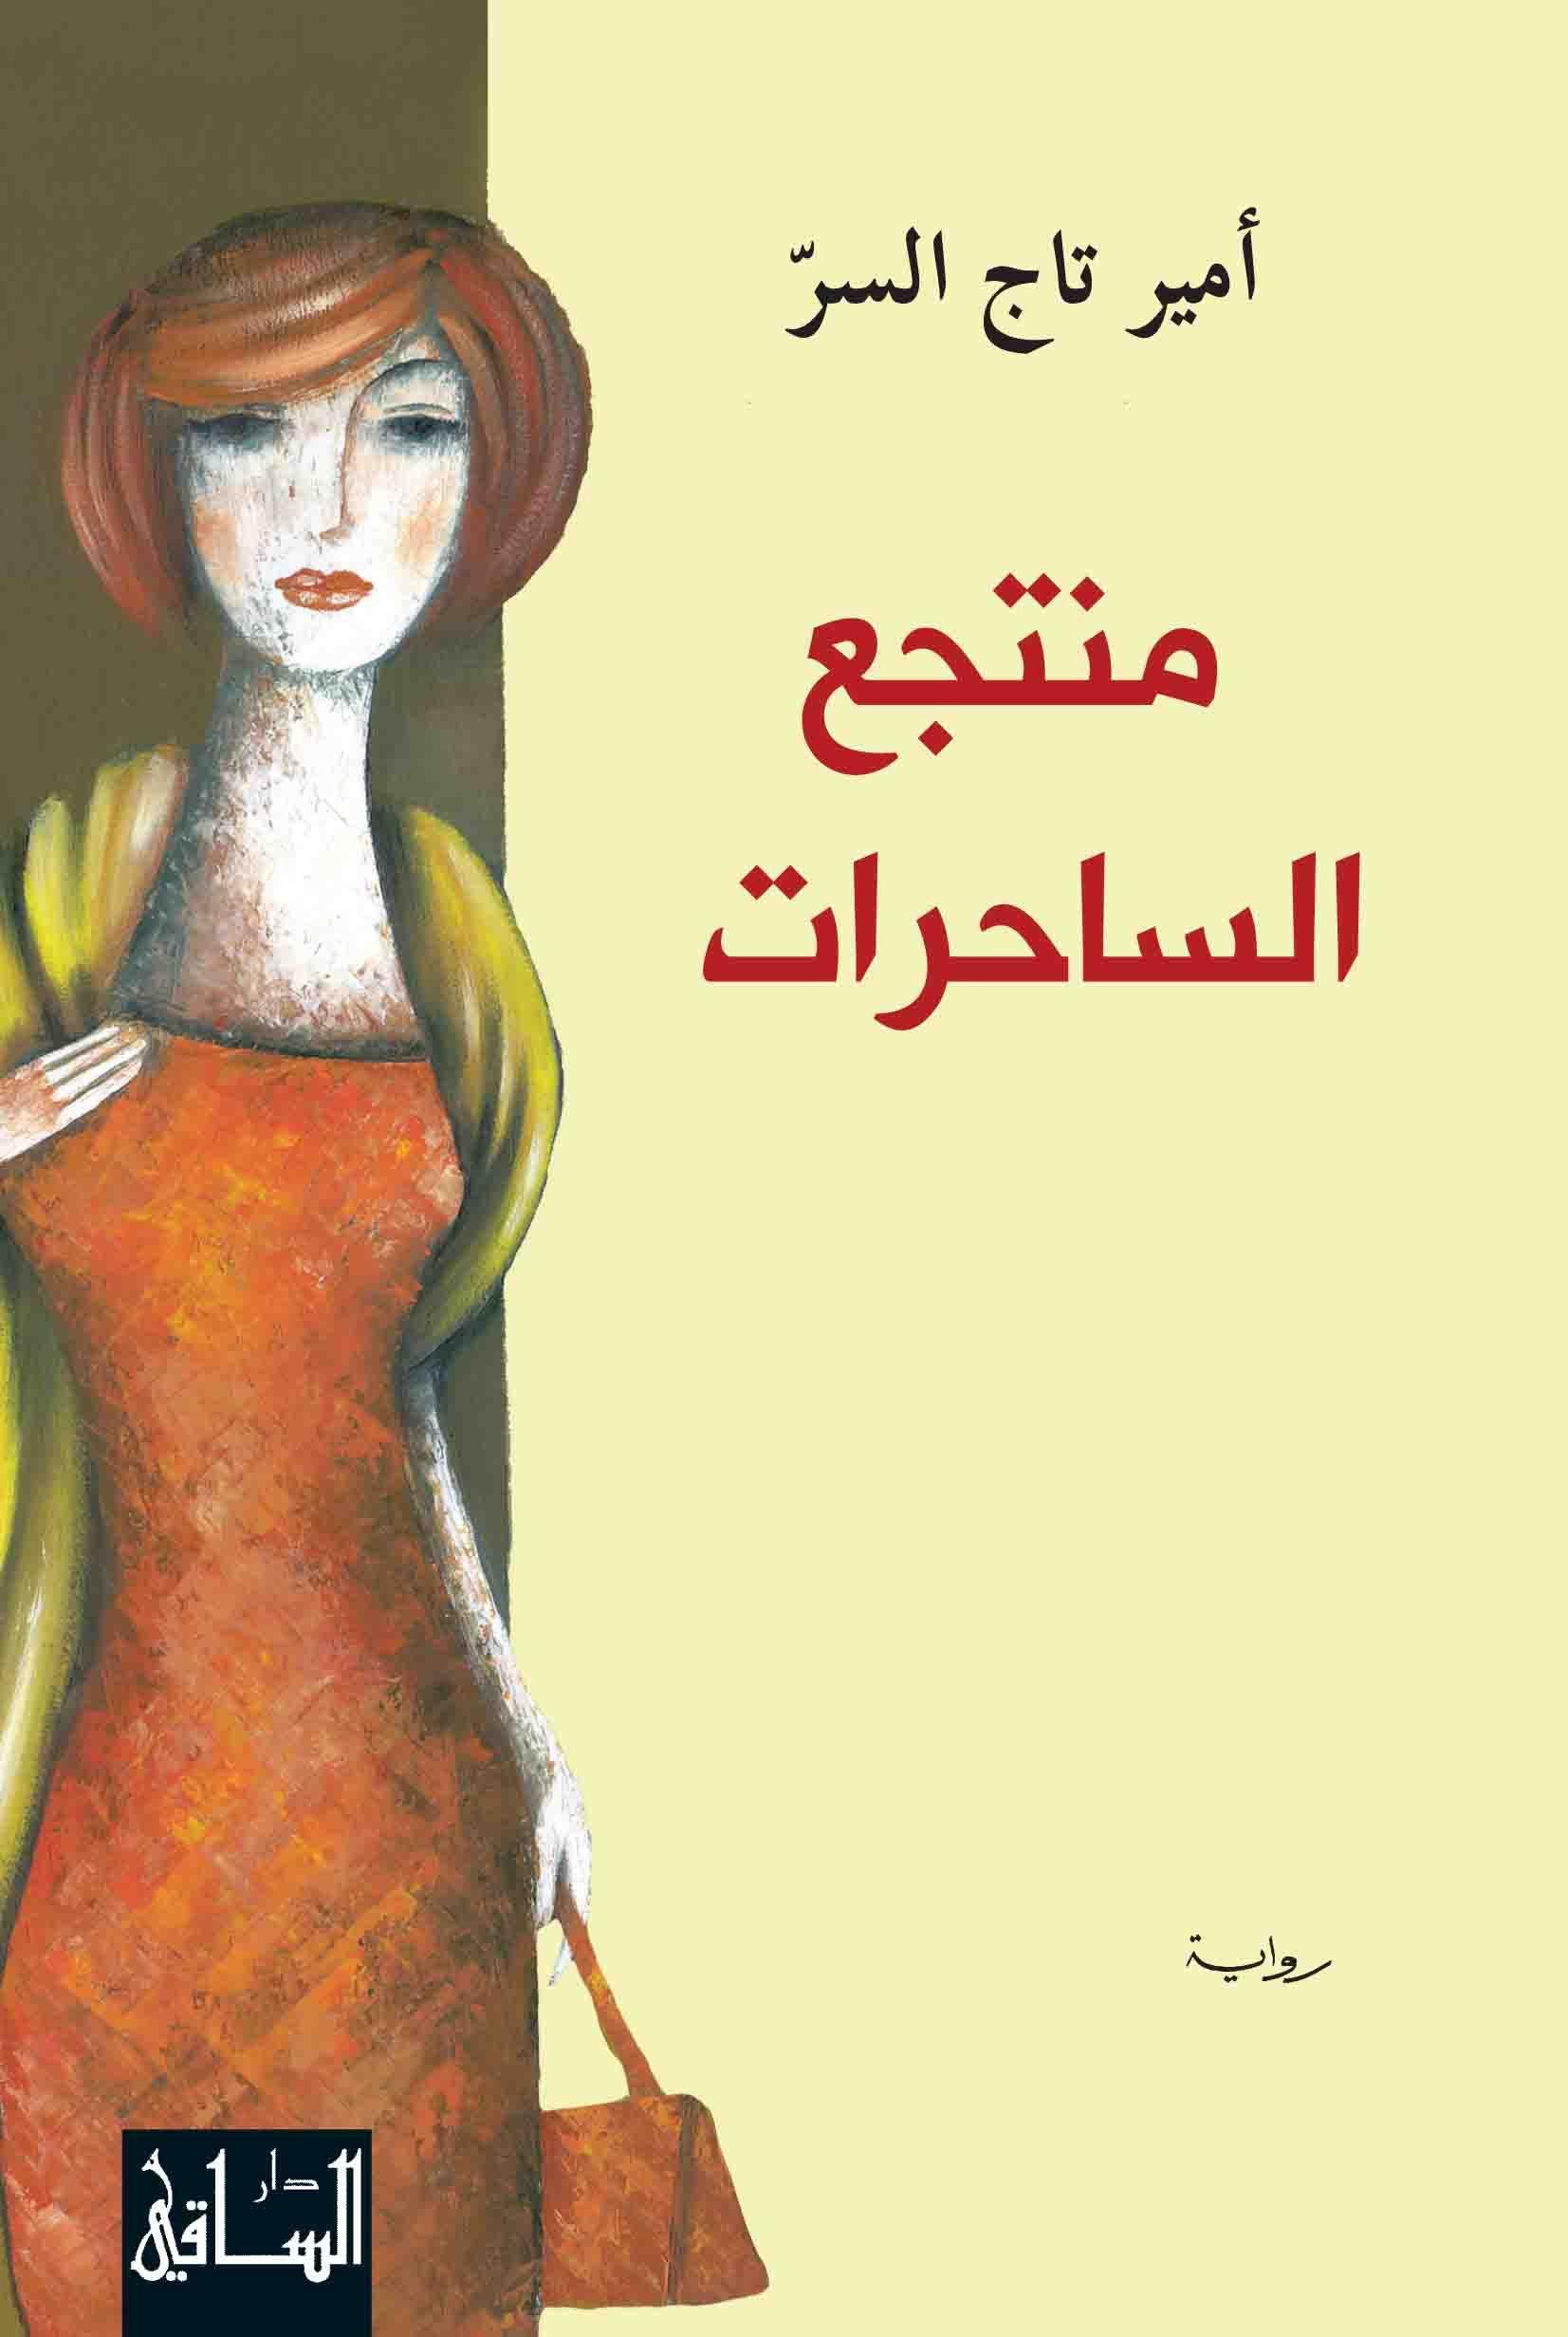 قصة الجندي و الساحرة I سلسلة أجمل القصص للأطفال Book Cover Books Art